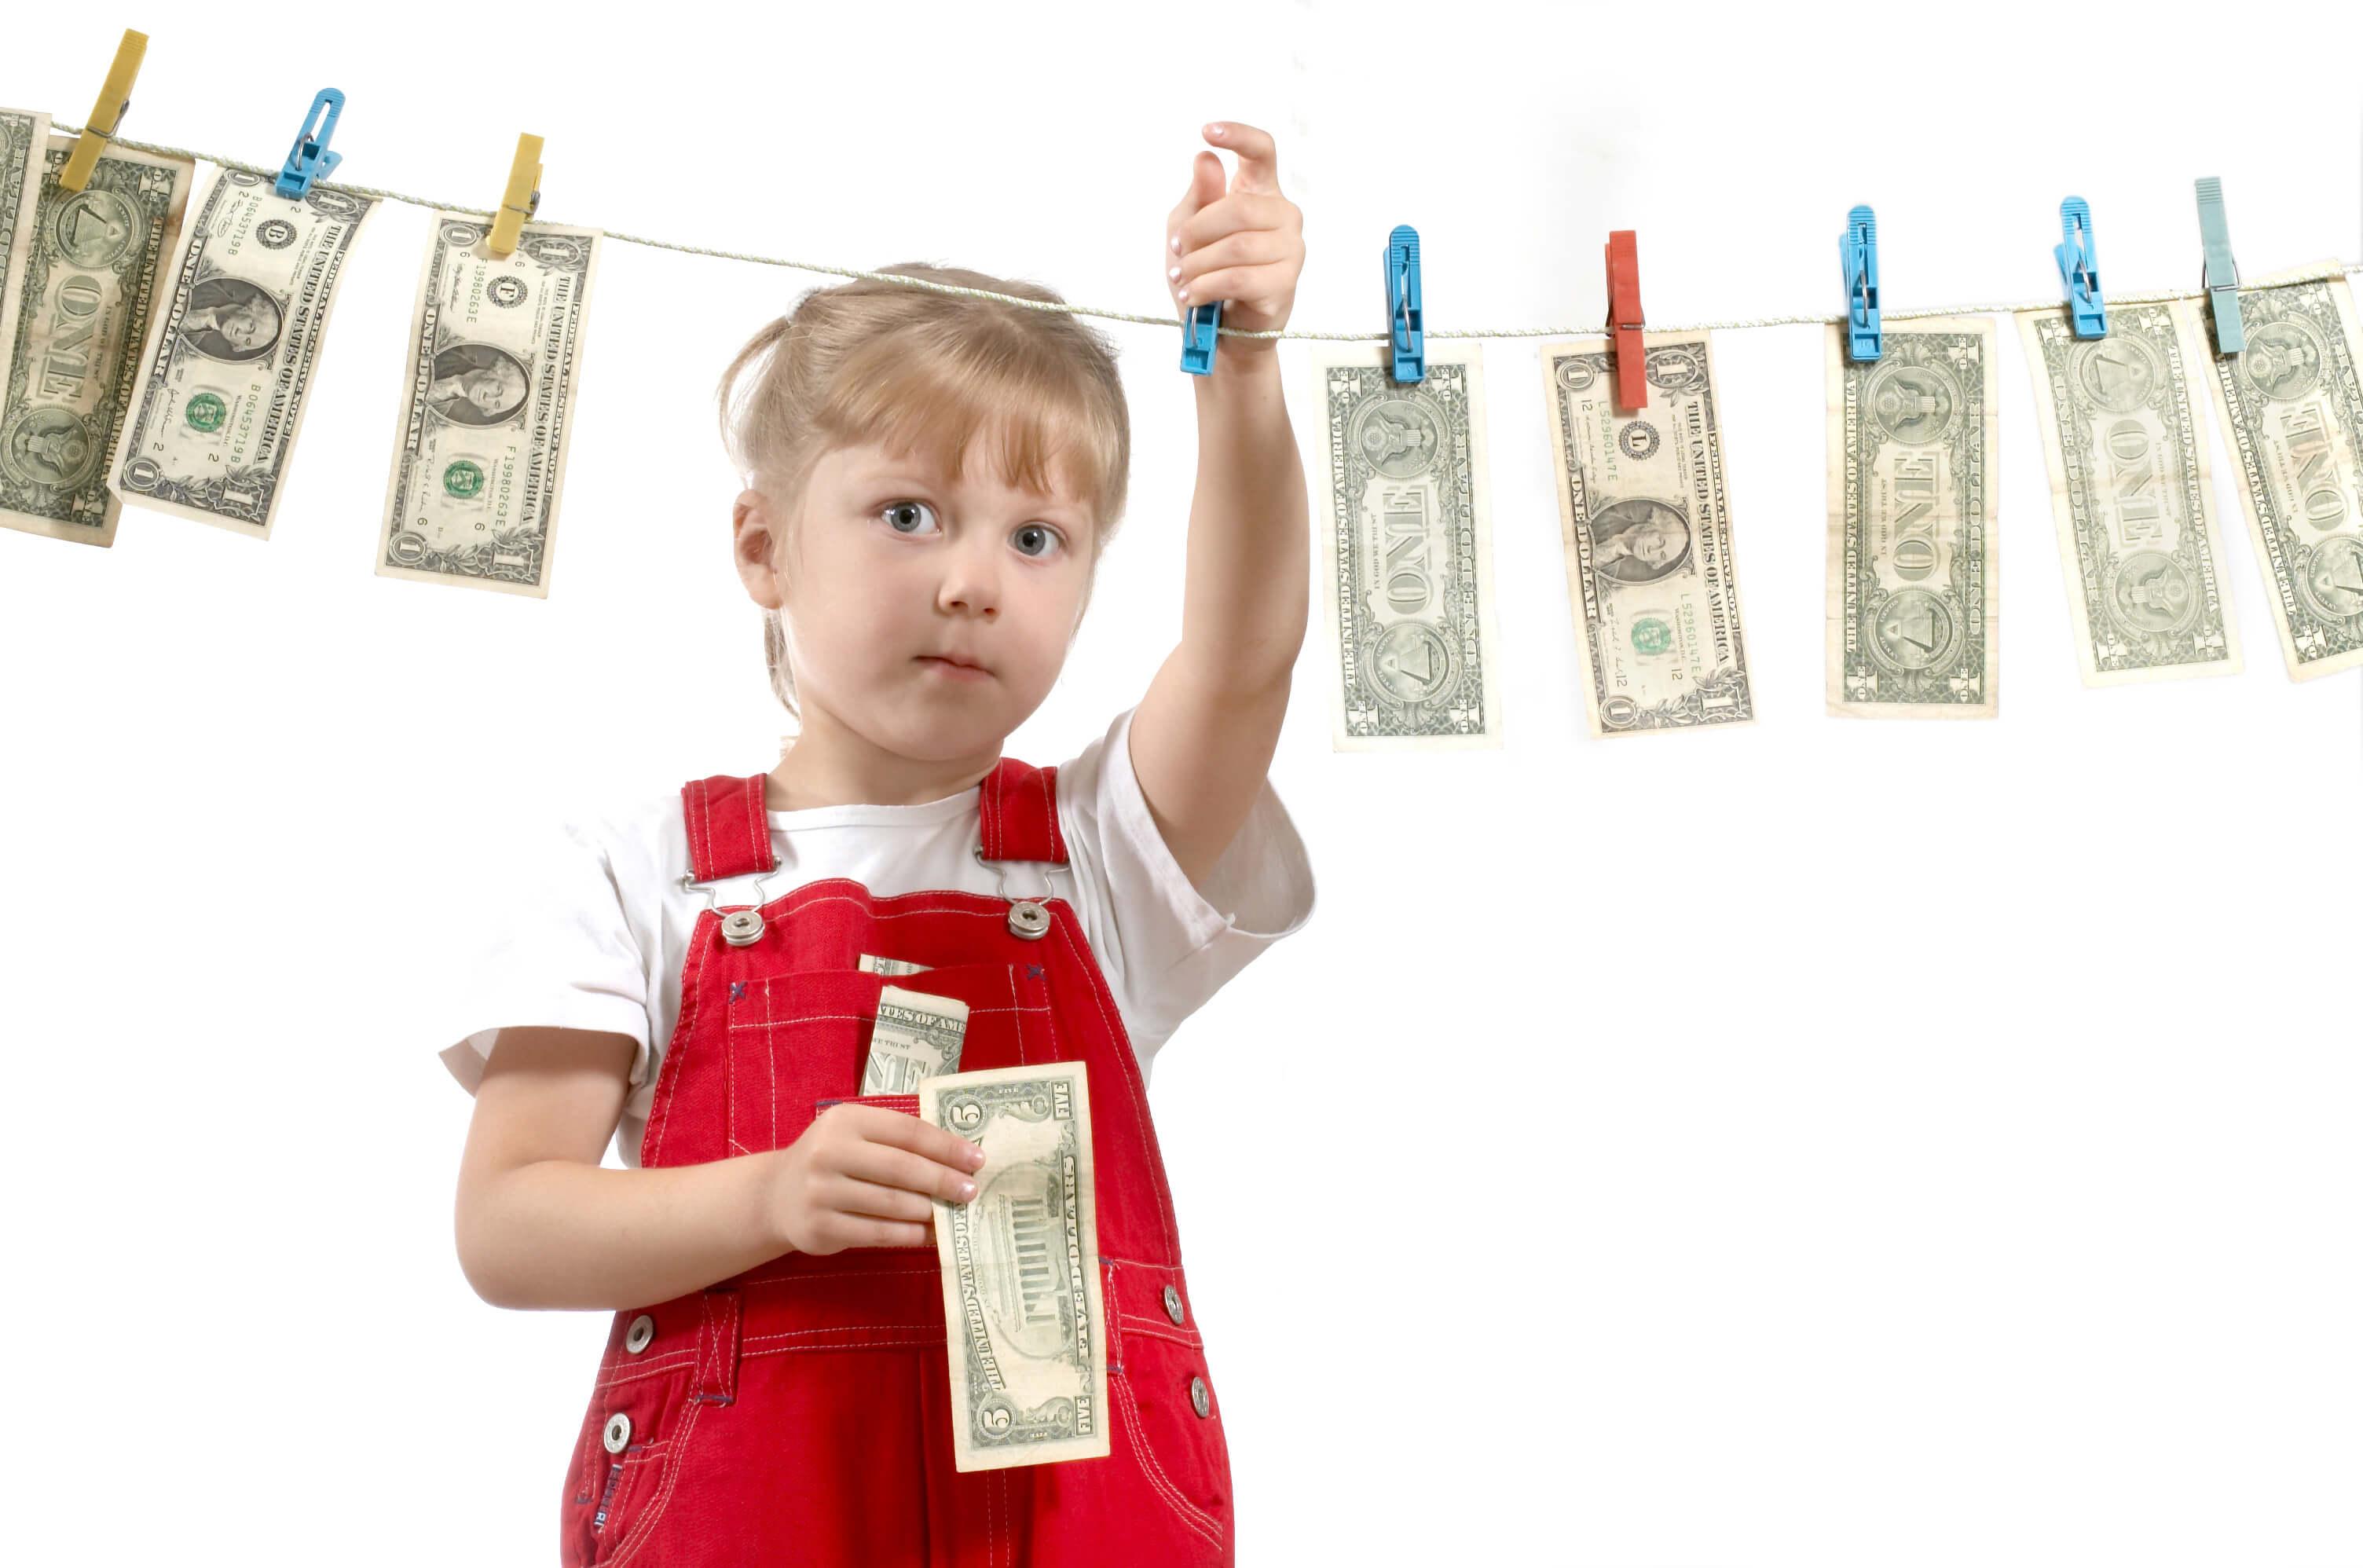 Де і як отримати пільги для багатодітних сімей в Україні? Які права має дитина з багатодітної родини?